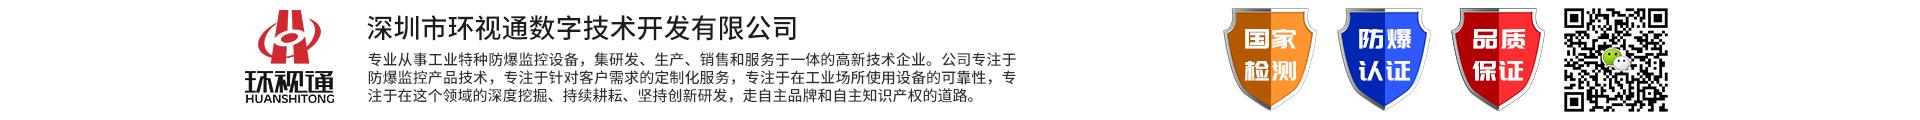 深圳市環視通數位技術開發有限公司